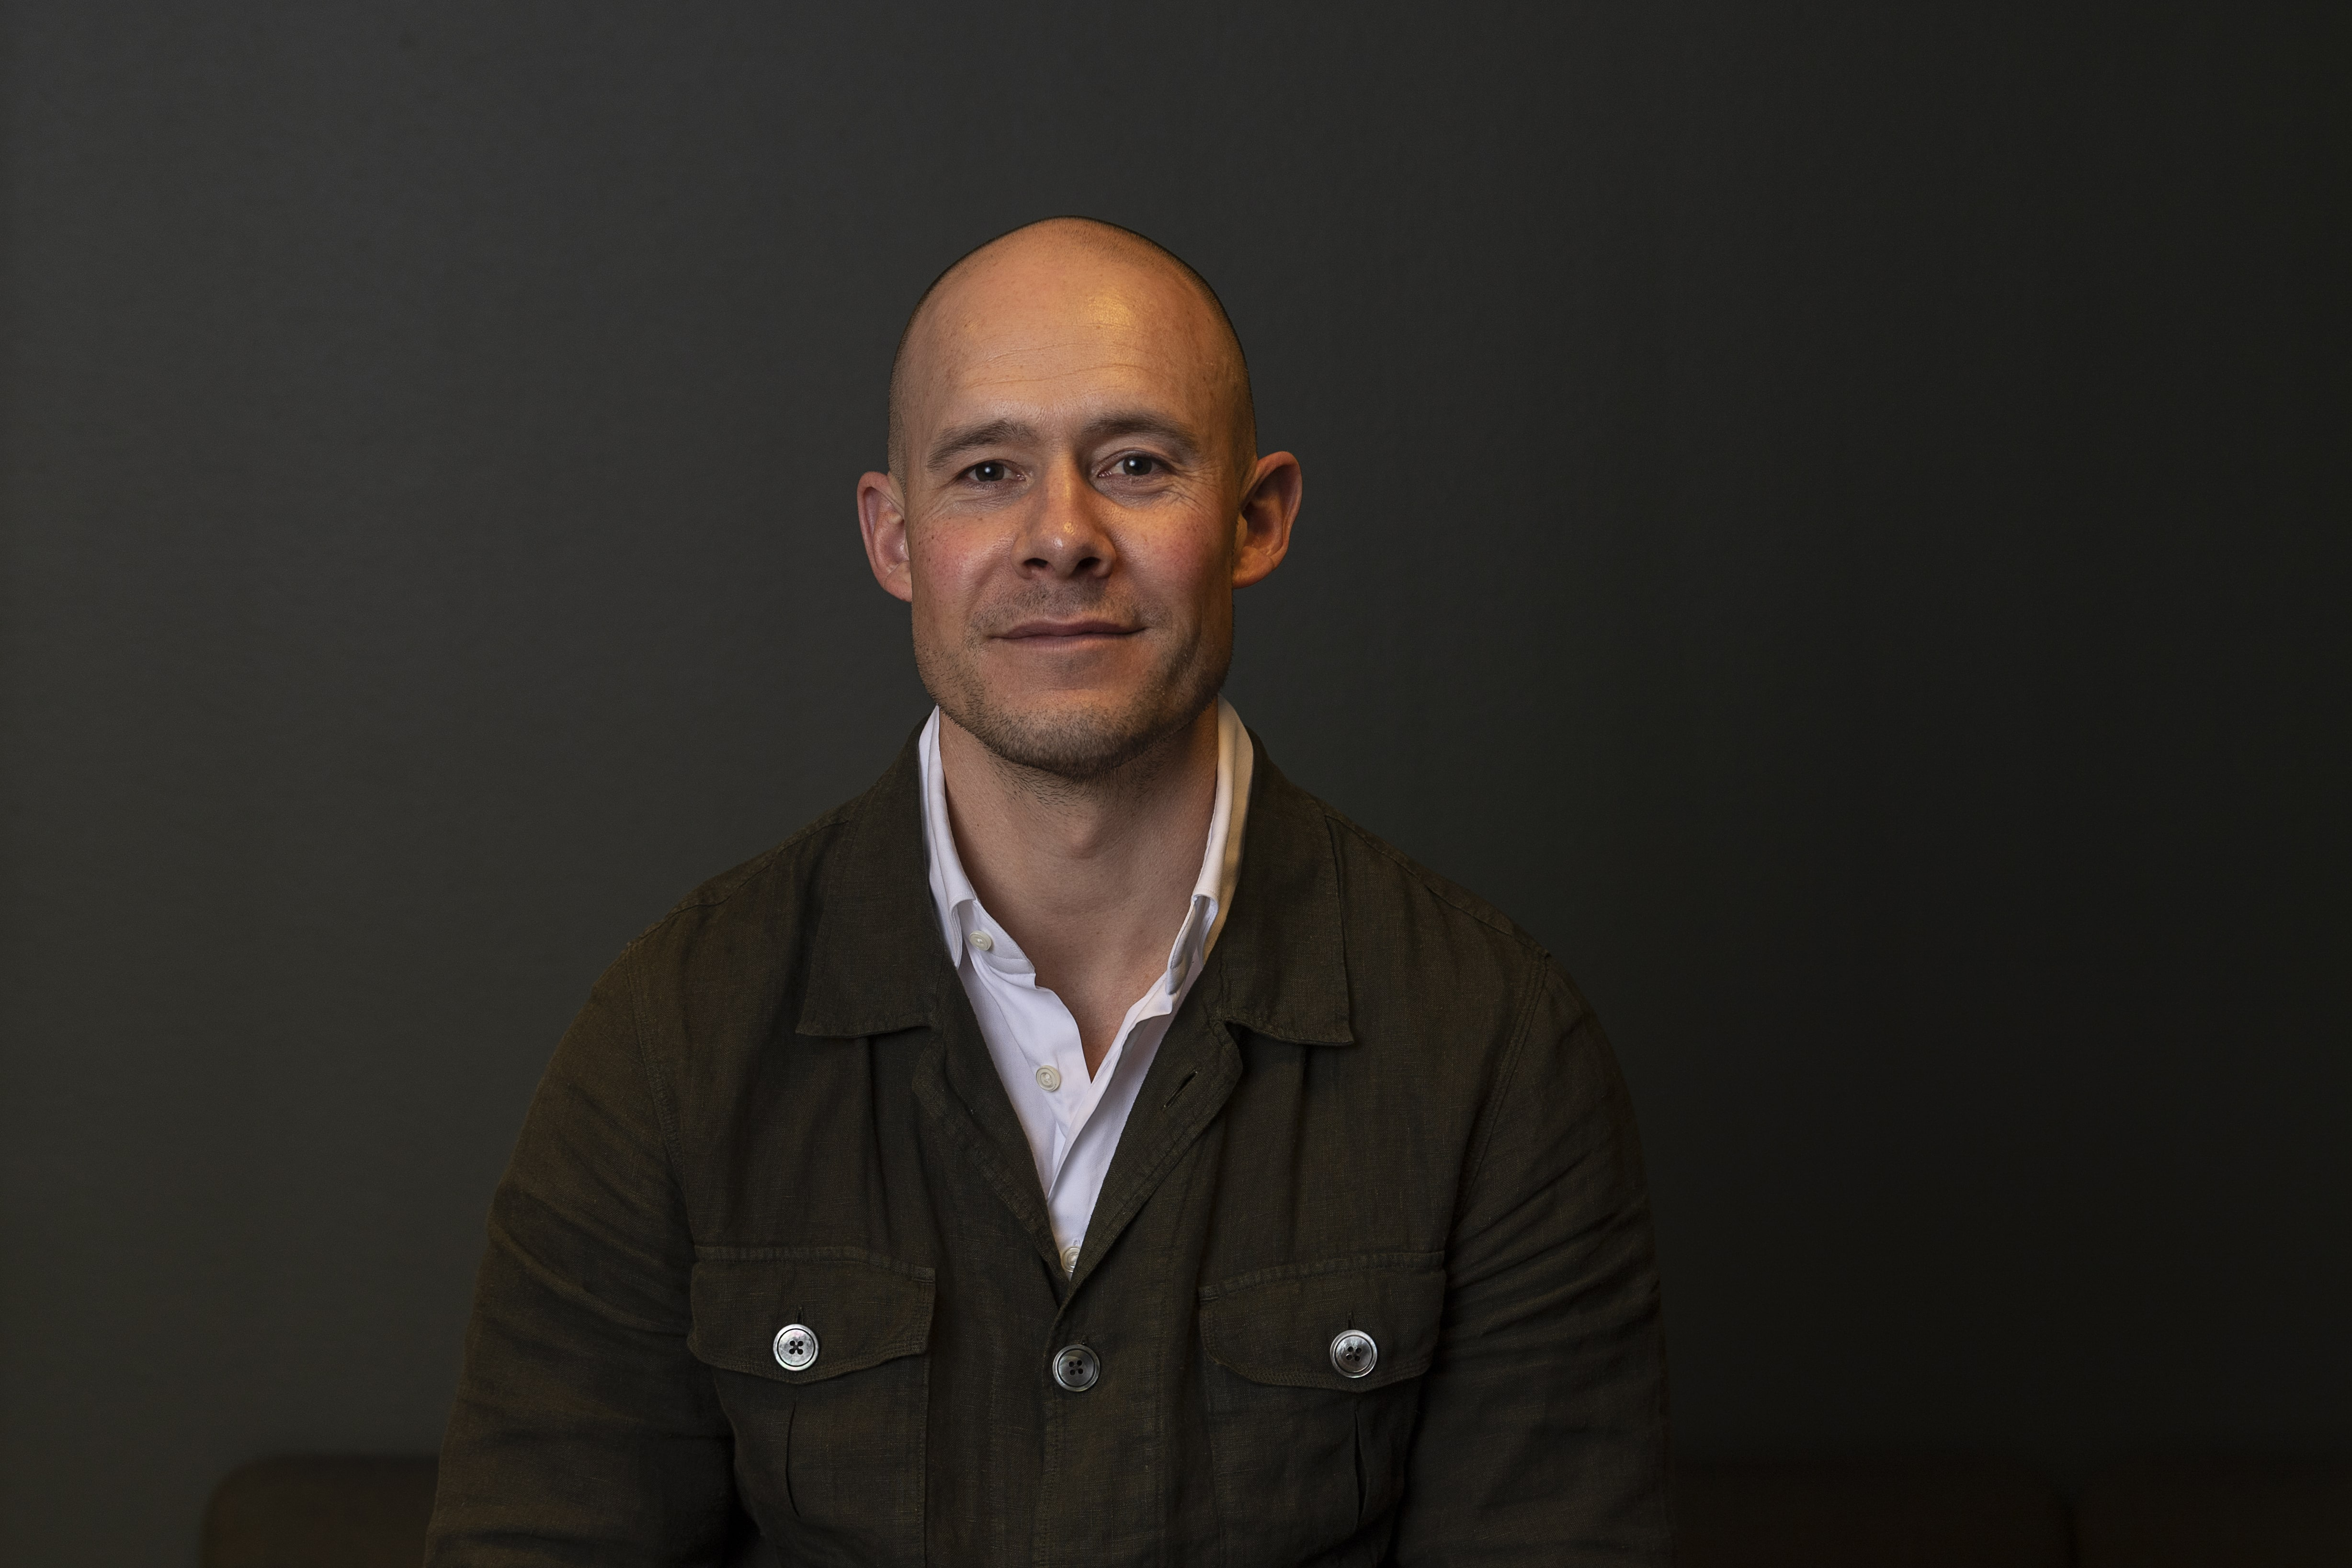 Portrettbilde av Preben Hellen, Senior digital rådgiver og SoMe ekspert